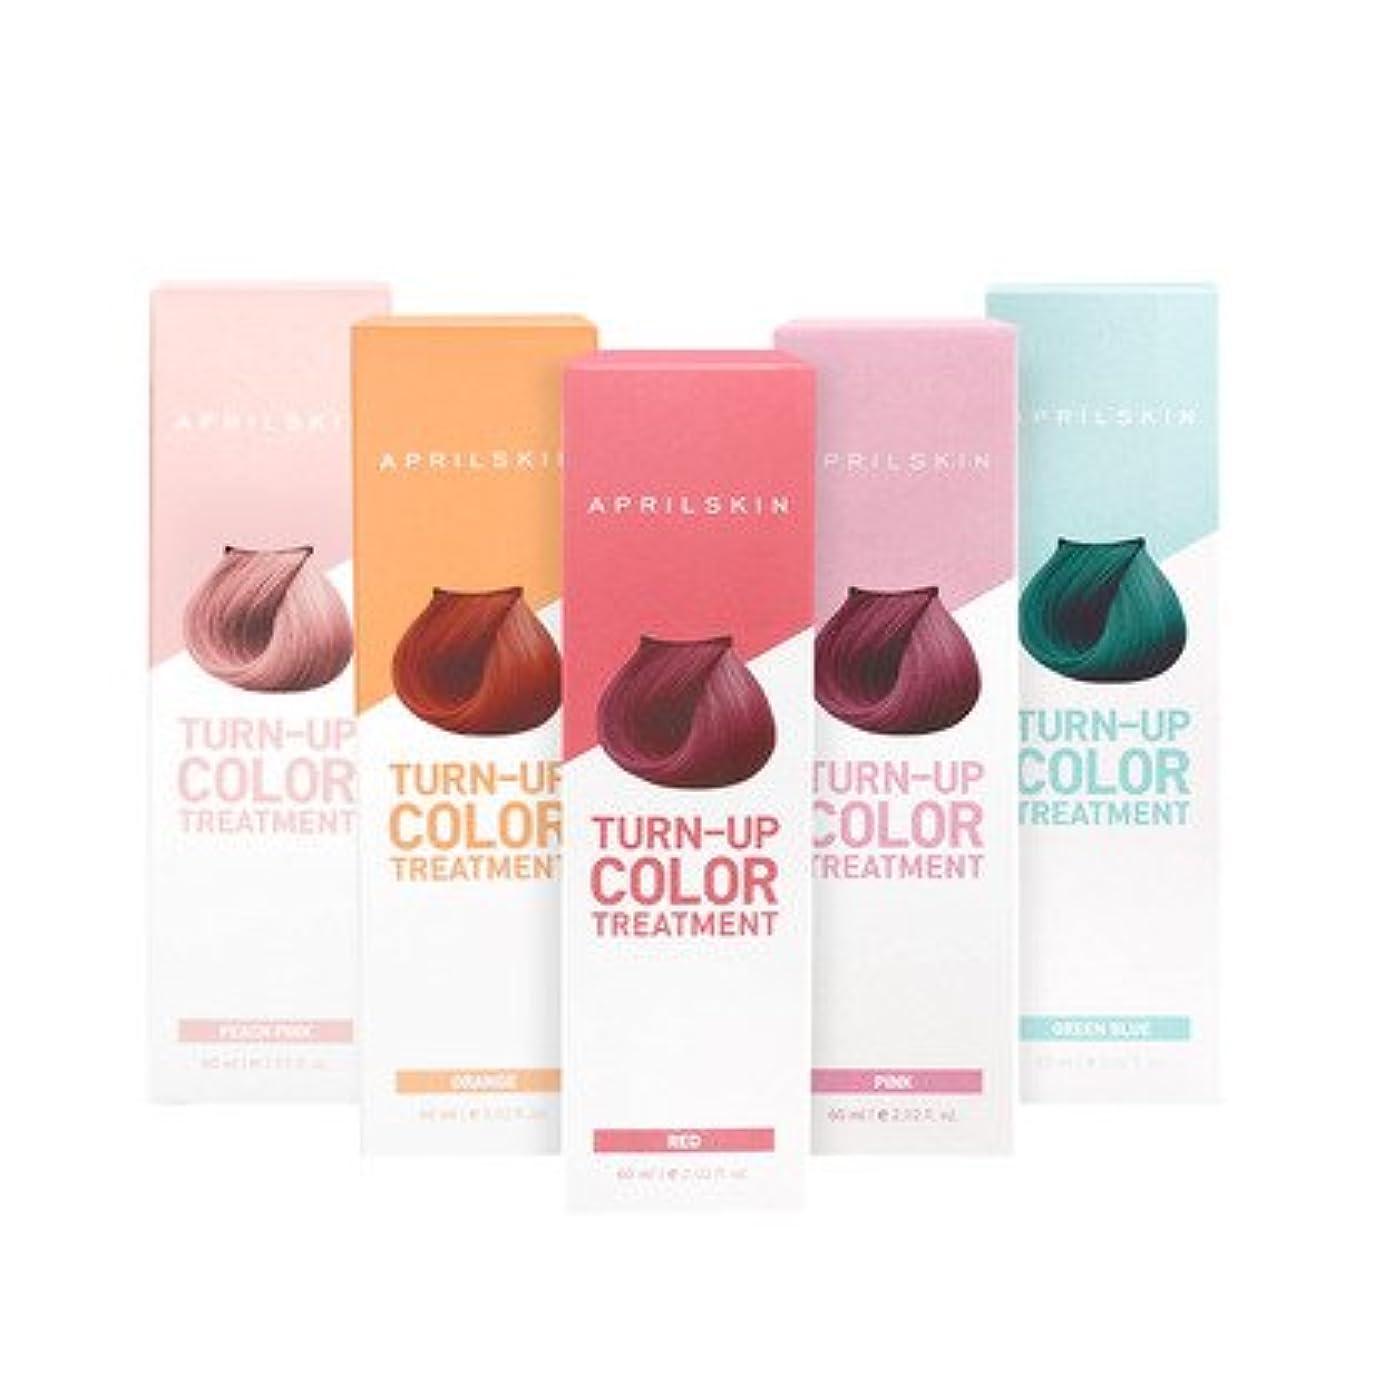 天気ブロー不適当April Skin(エイプリルスキン) ターンアップカラー トリートメント/Turn up Color Treatment 60ml(レッド) [並行輸入品]